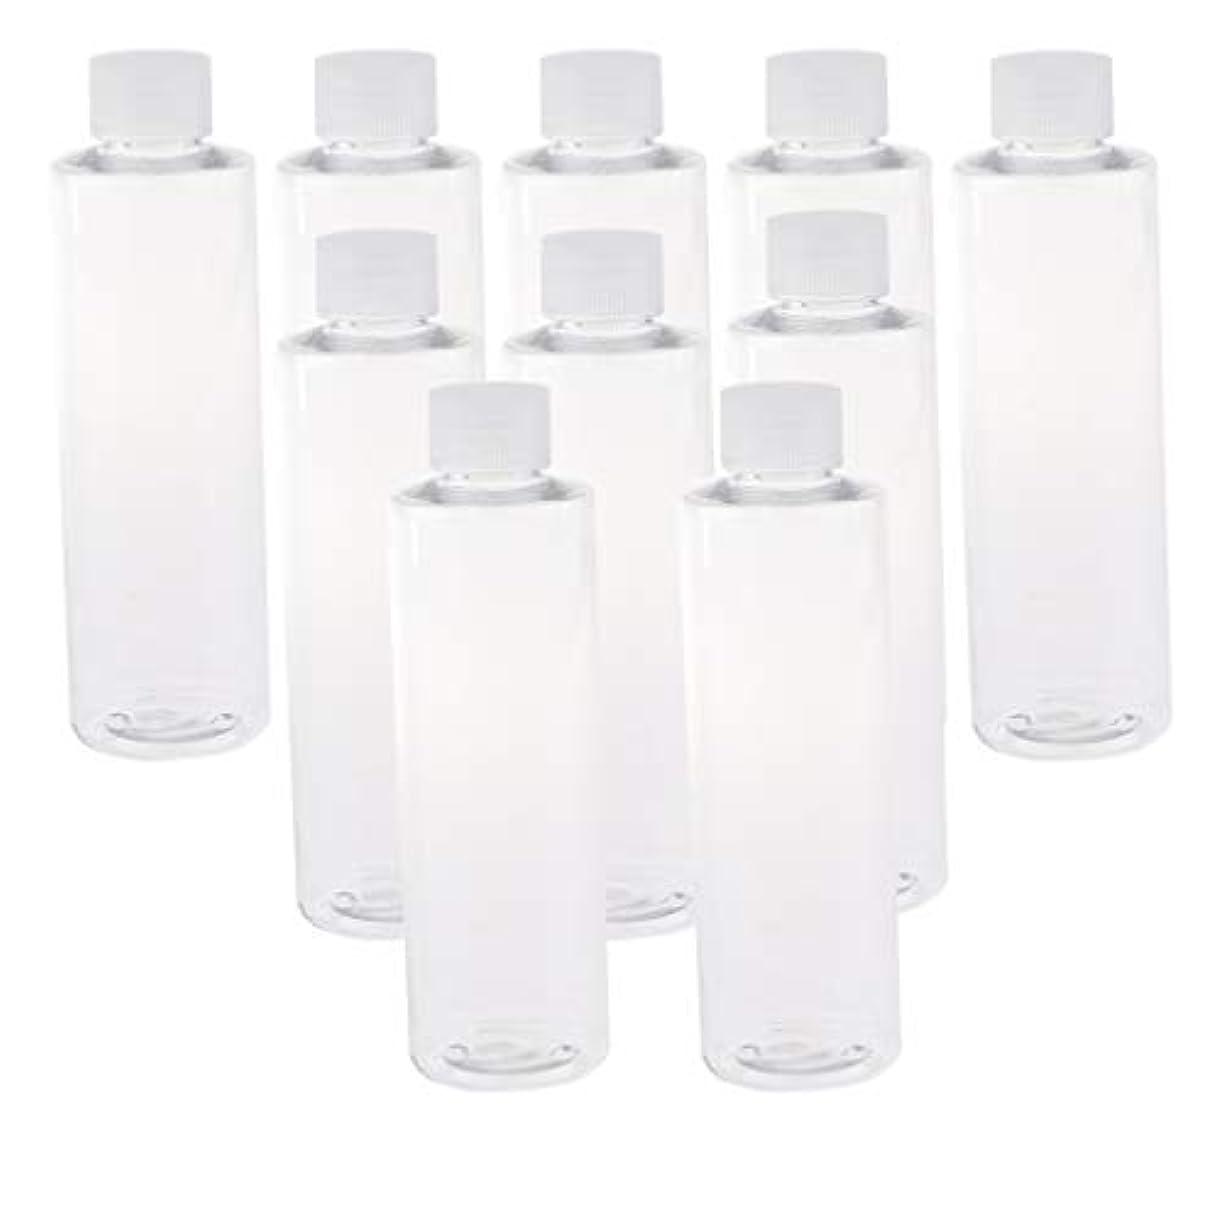 天皇落花生平和な全3色 200ミリリットル PETボトル 空のボトル プラスチックボトル 詰替え容器 - クリアキャップ